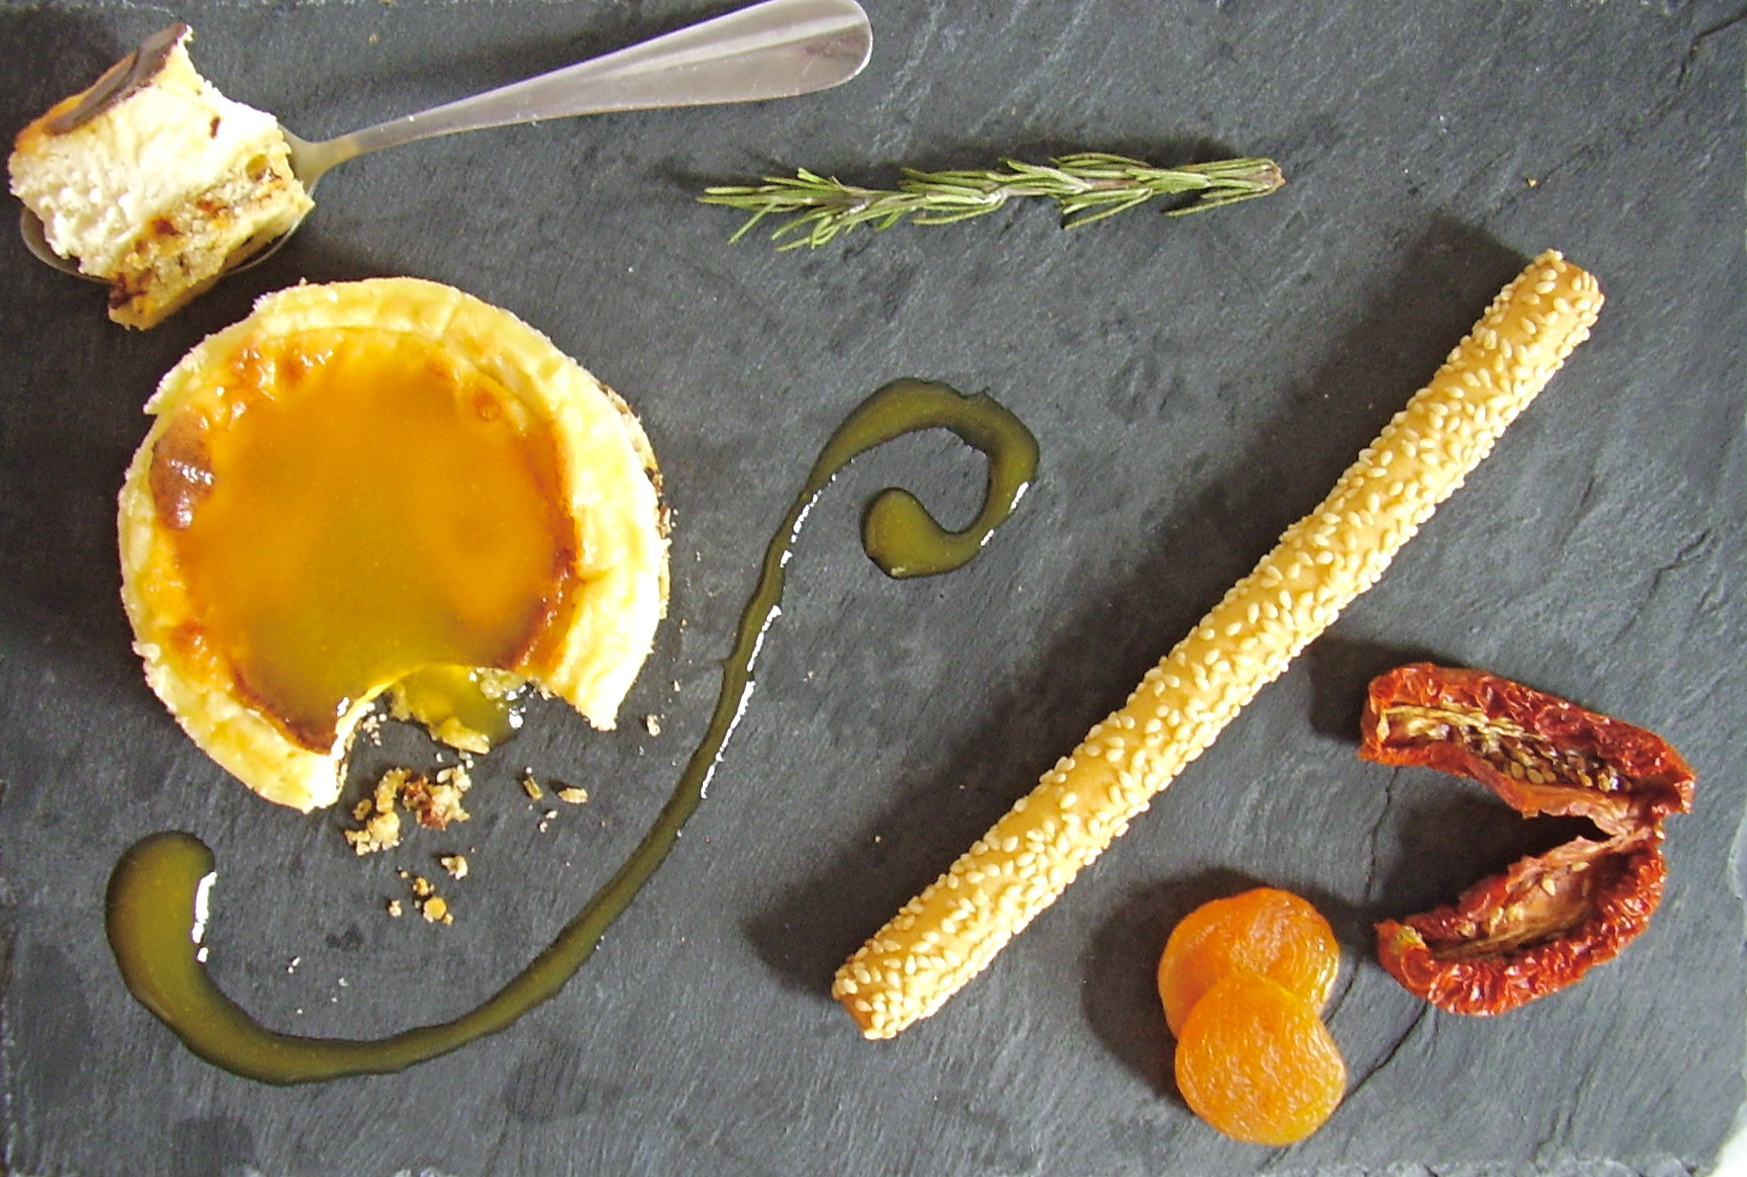 Cheesecake à la tomme de Savoie, base au romarin et tomates séchées, coulis d'abricot